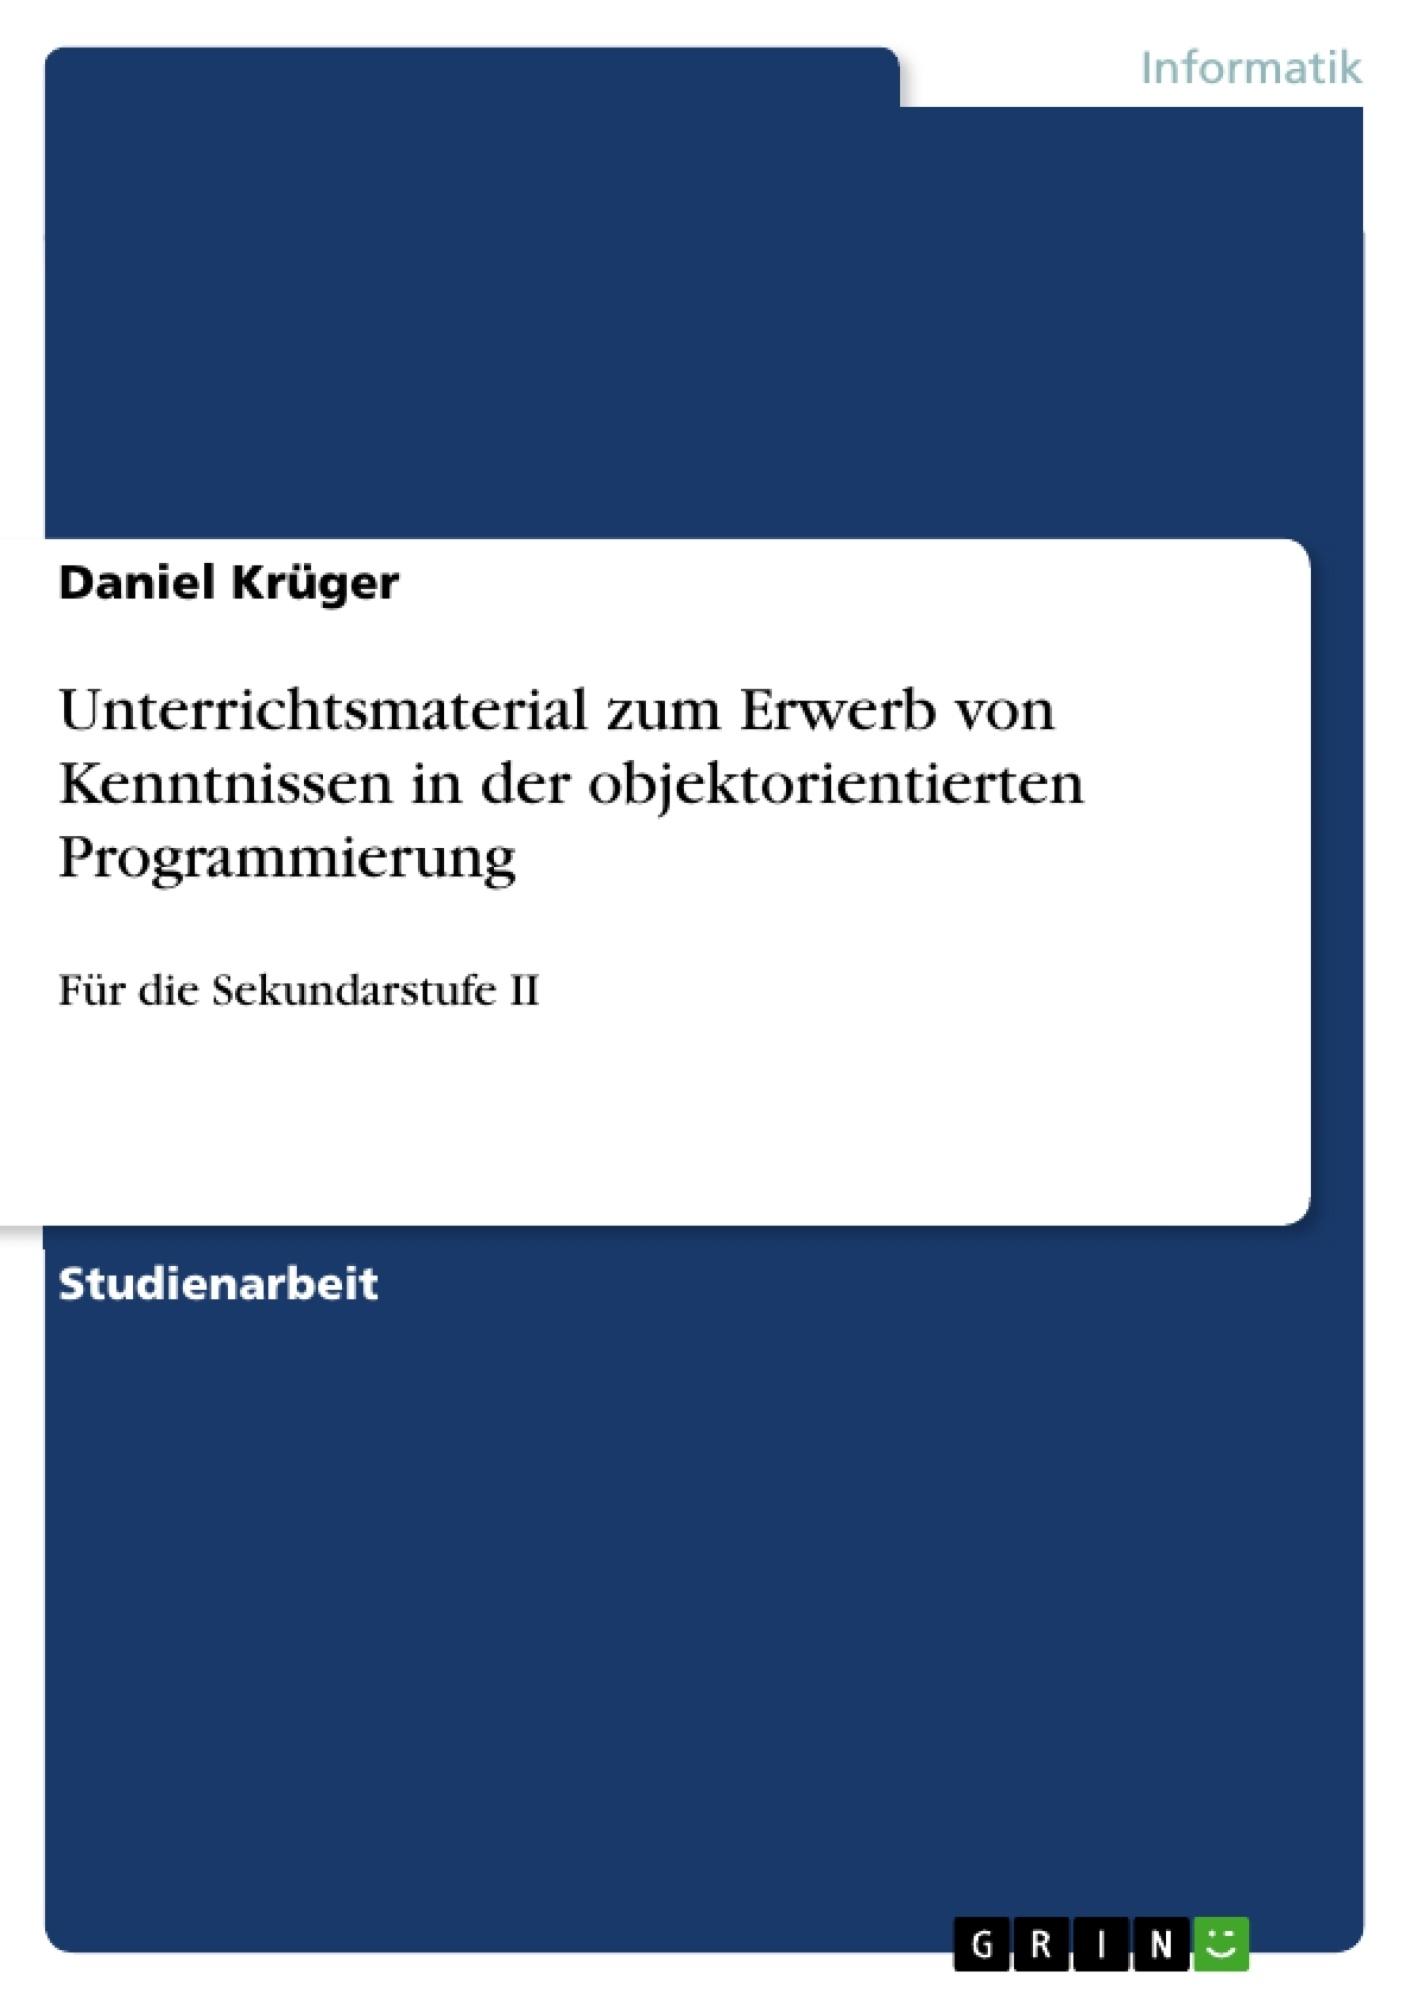 Titel: Unterrichtsmaterial zum Erwerb von Kenntnissen in der objektorientierten Programmierung